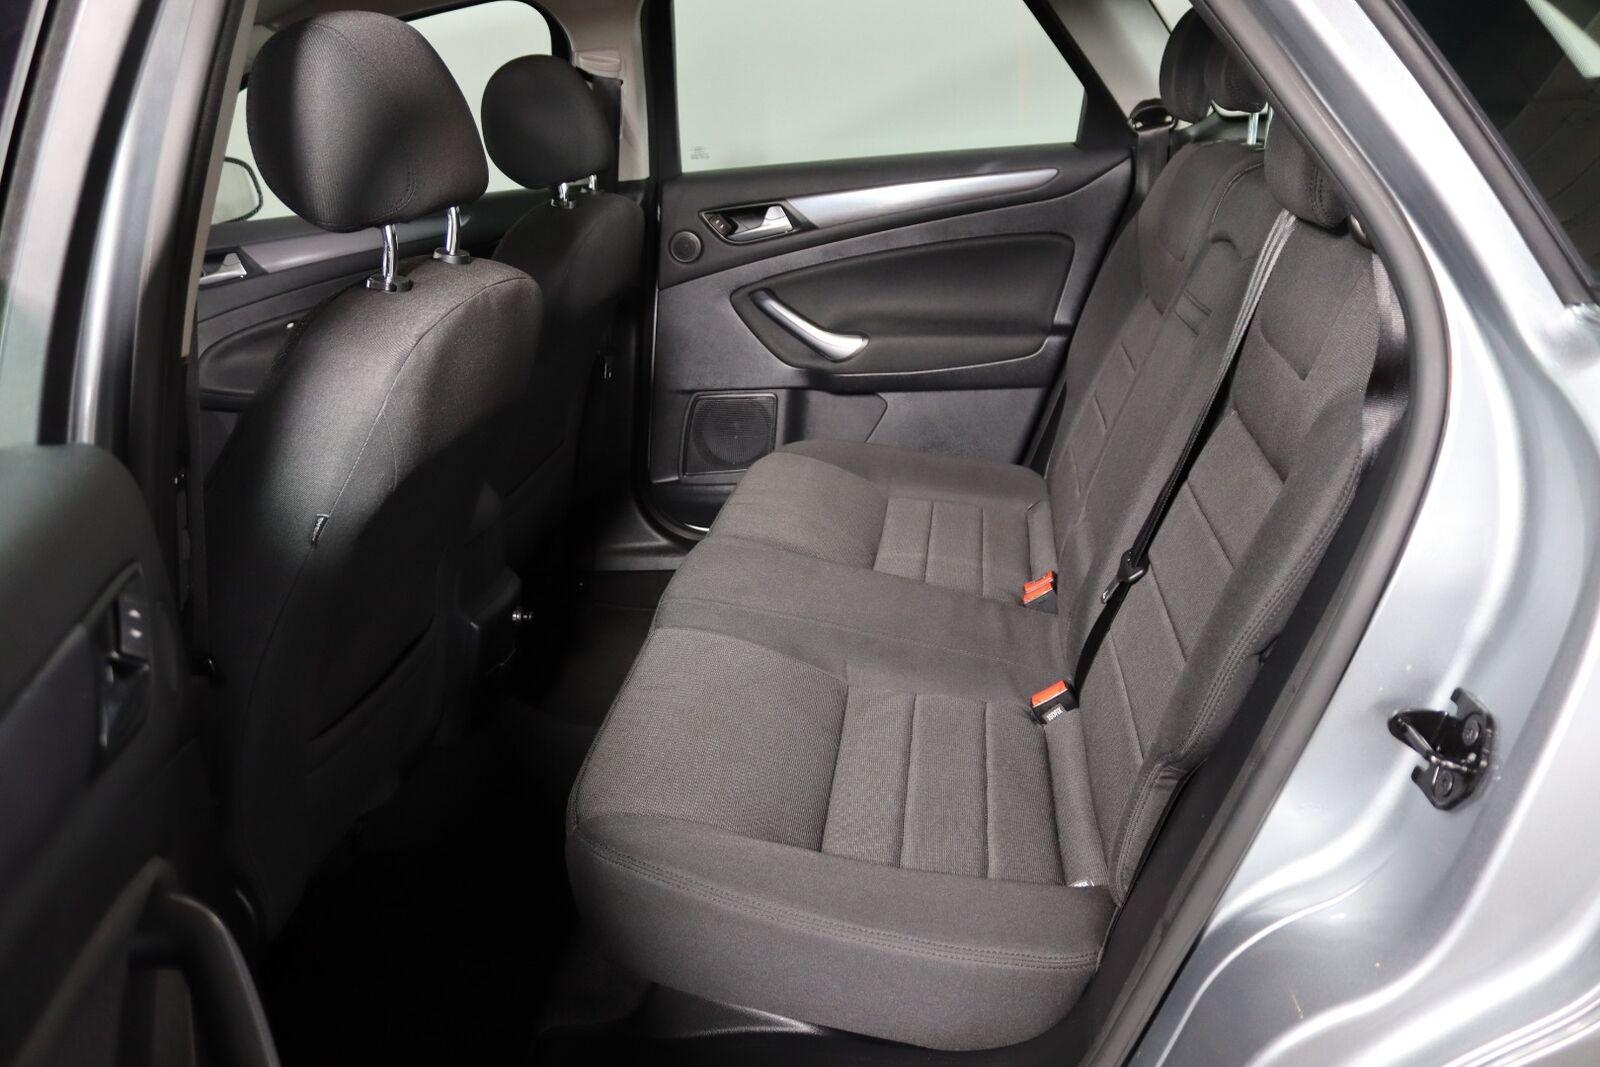 Ford Mondeo 2,0 TDCi 163 Titanium stc. aut. - billede 6